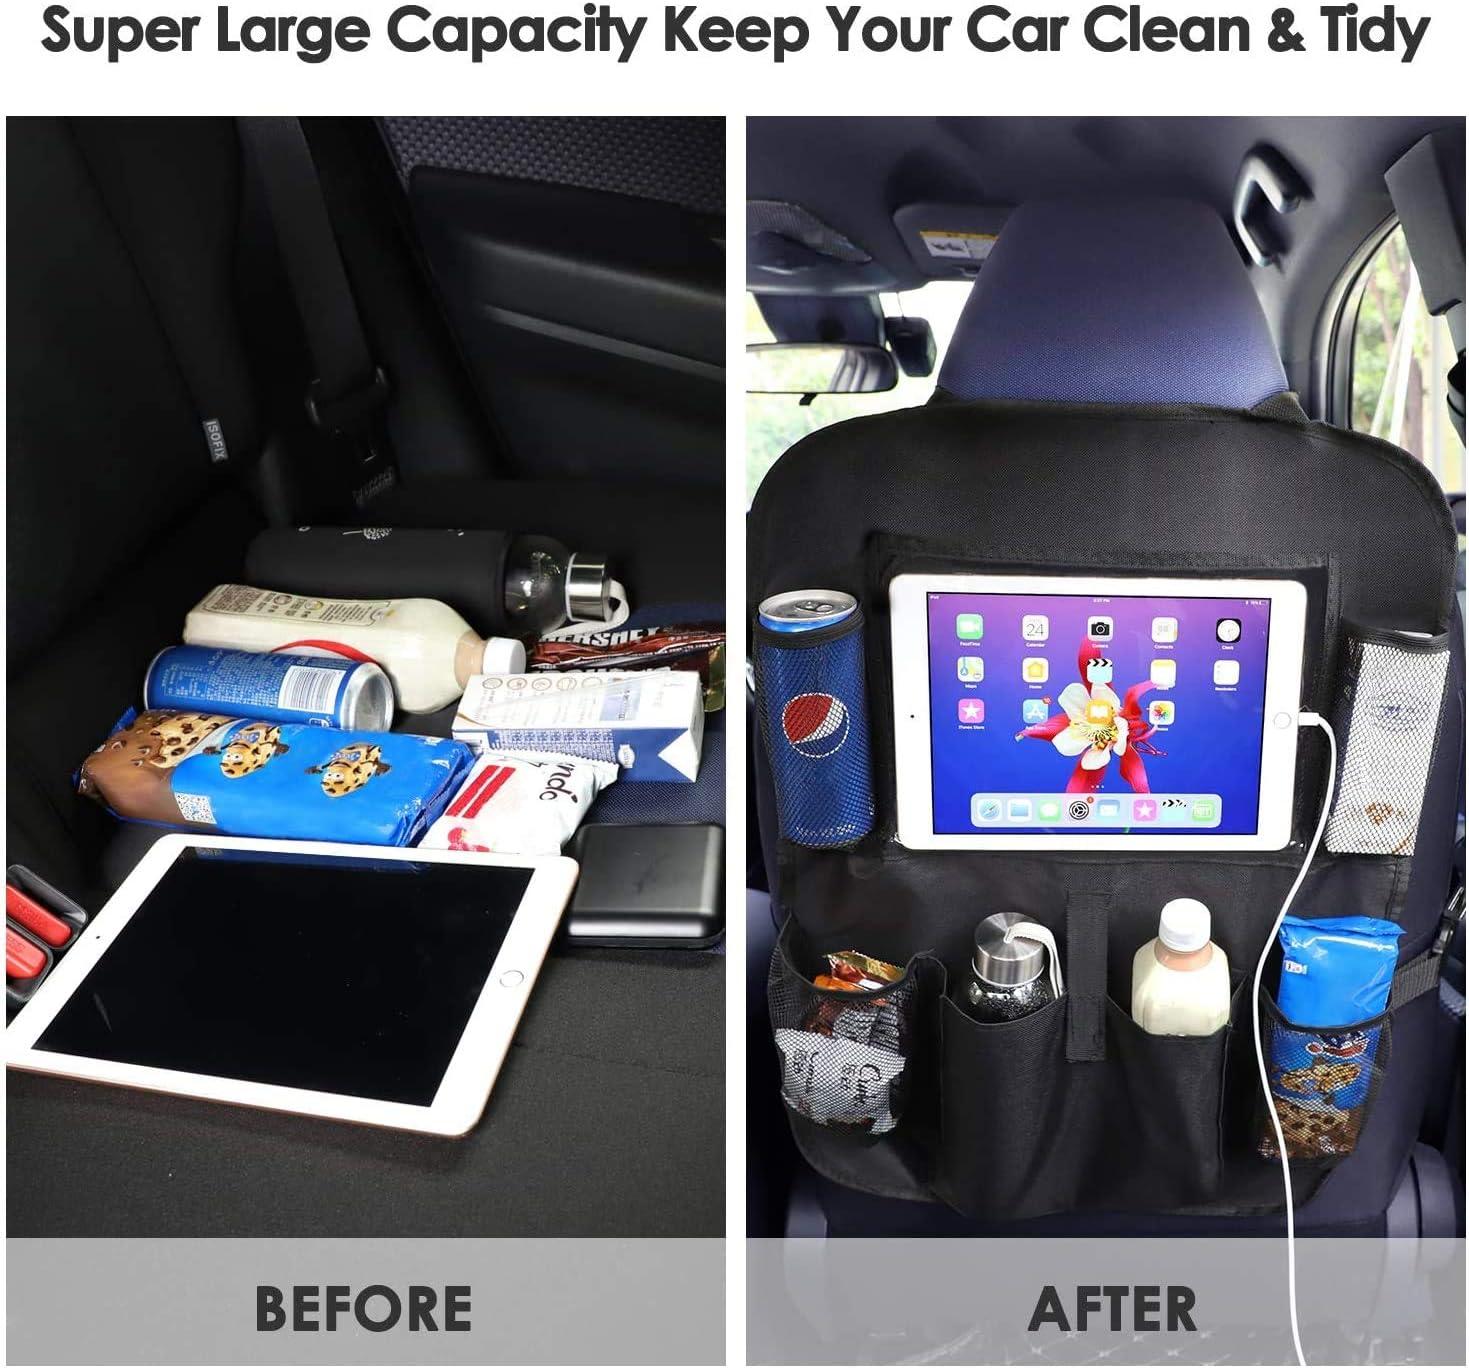 Almacenamiento de Juguetes Organizadores para Asientos de Coches Accesorios de Viaje para Ni/ños Libros Bebidas RIGHTWELL 2 Pack Protector Asiento Coche Ni/ños con Sorporte iPad 10